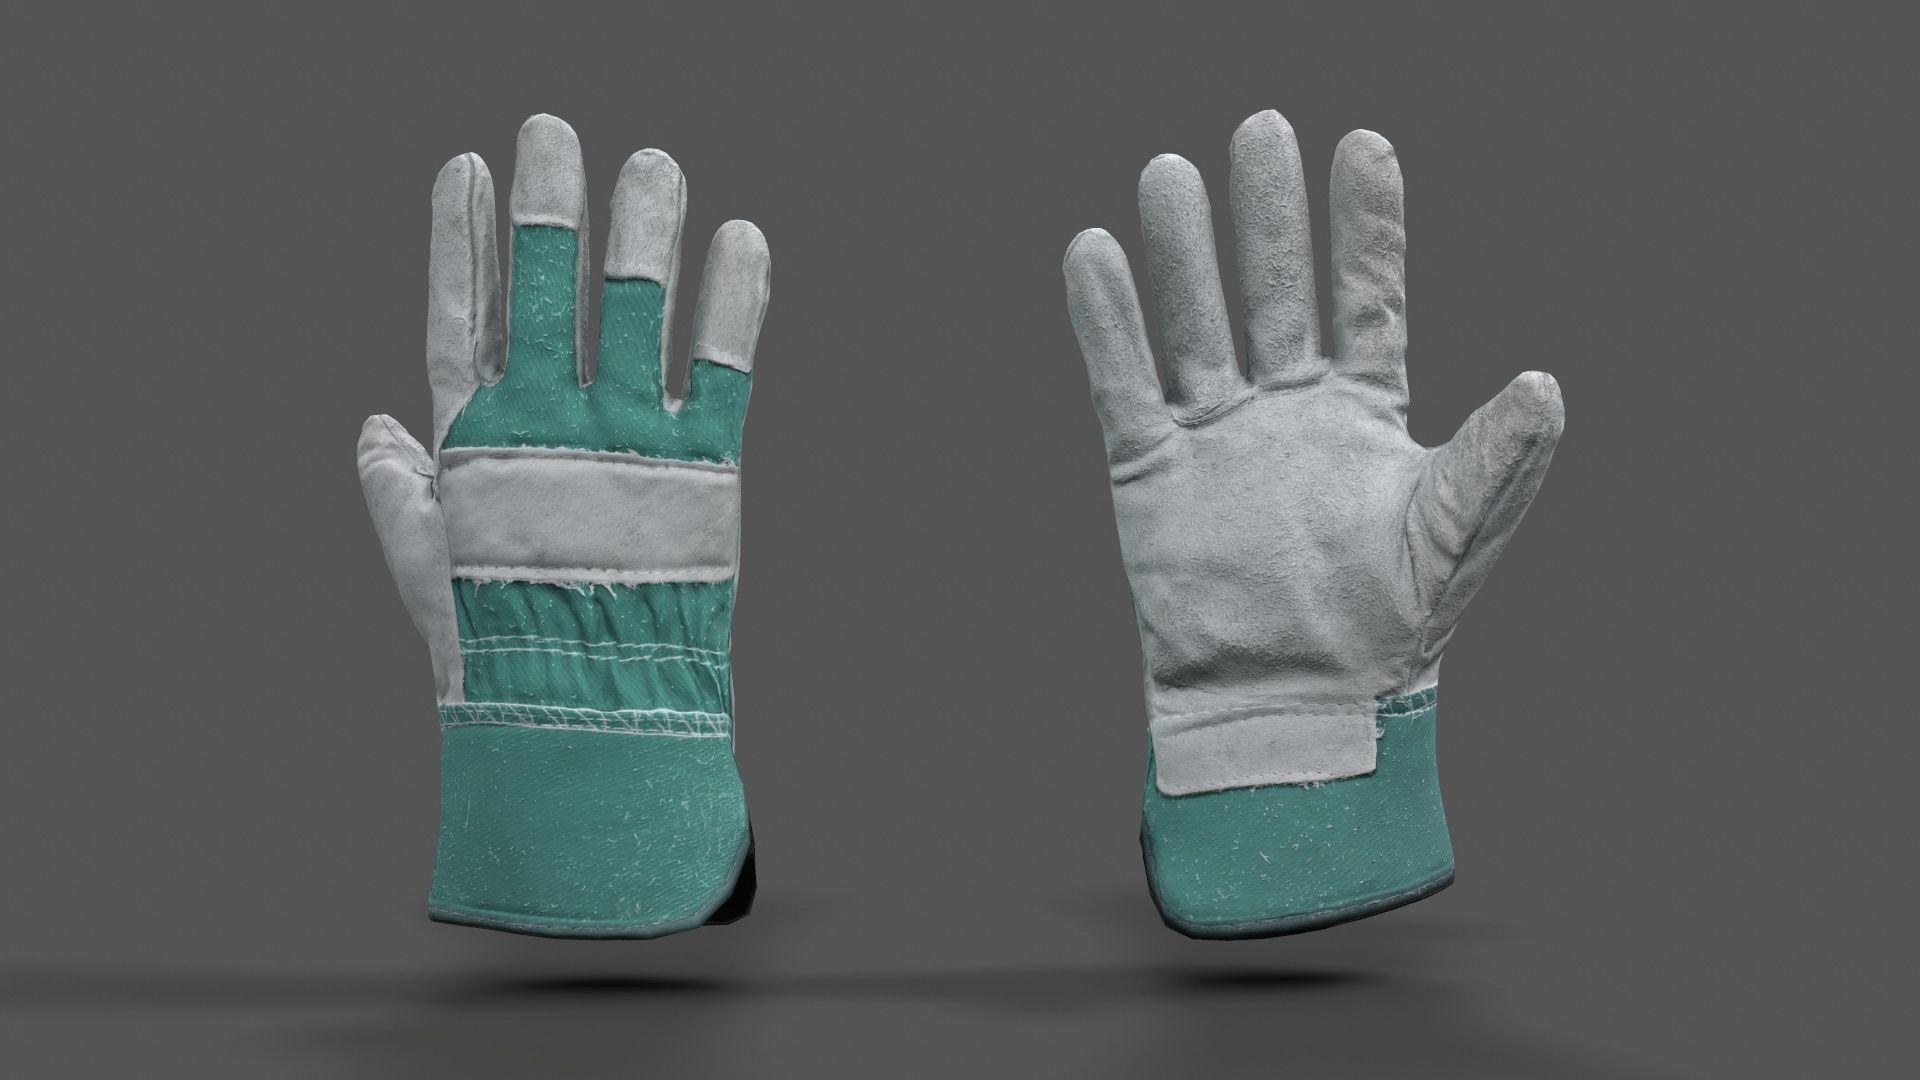 VR Hands - Garden Glove